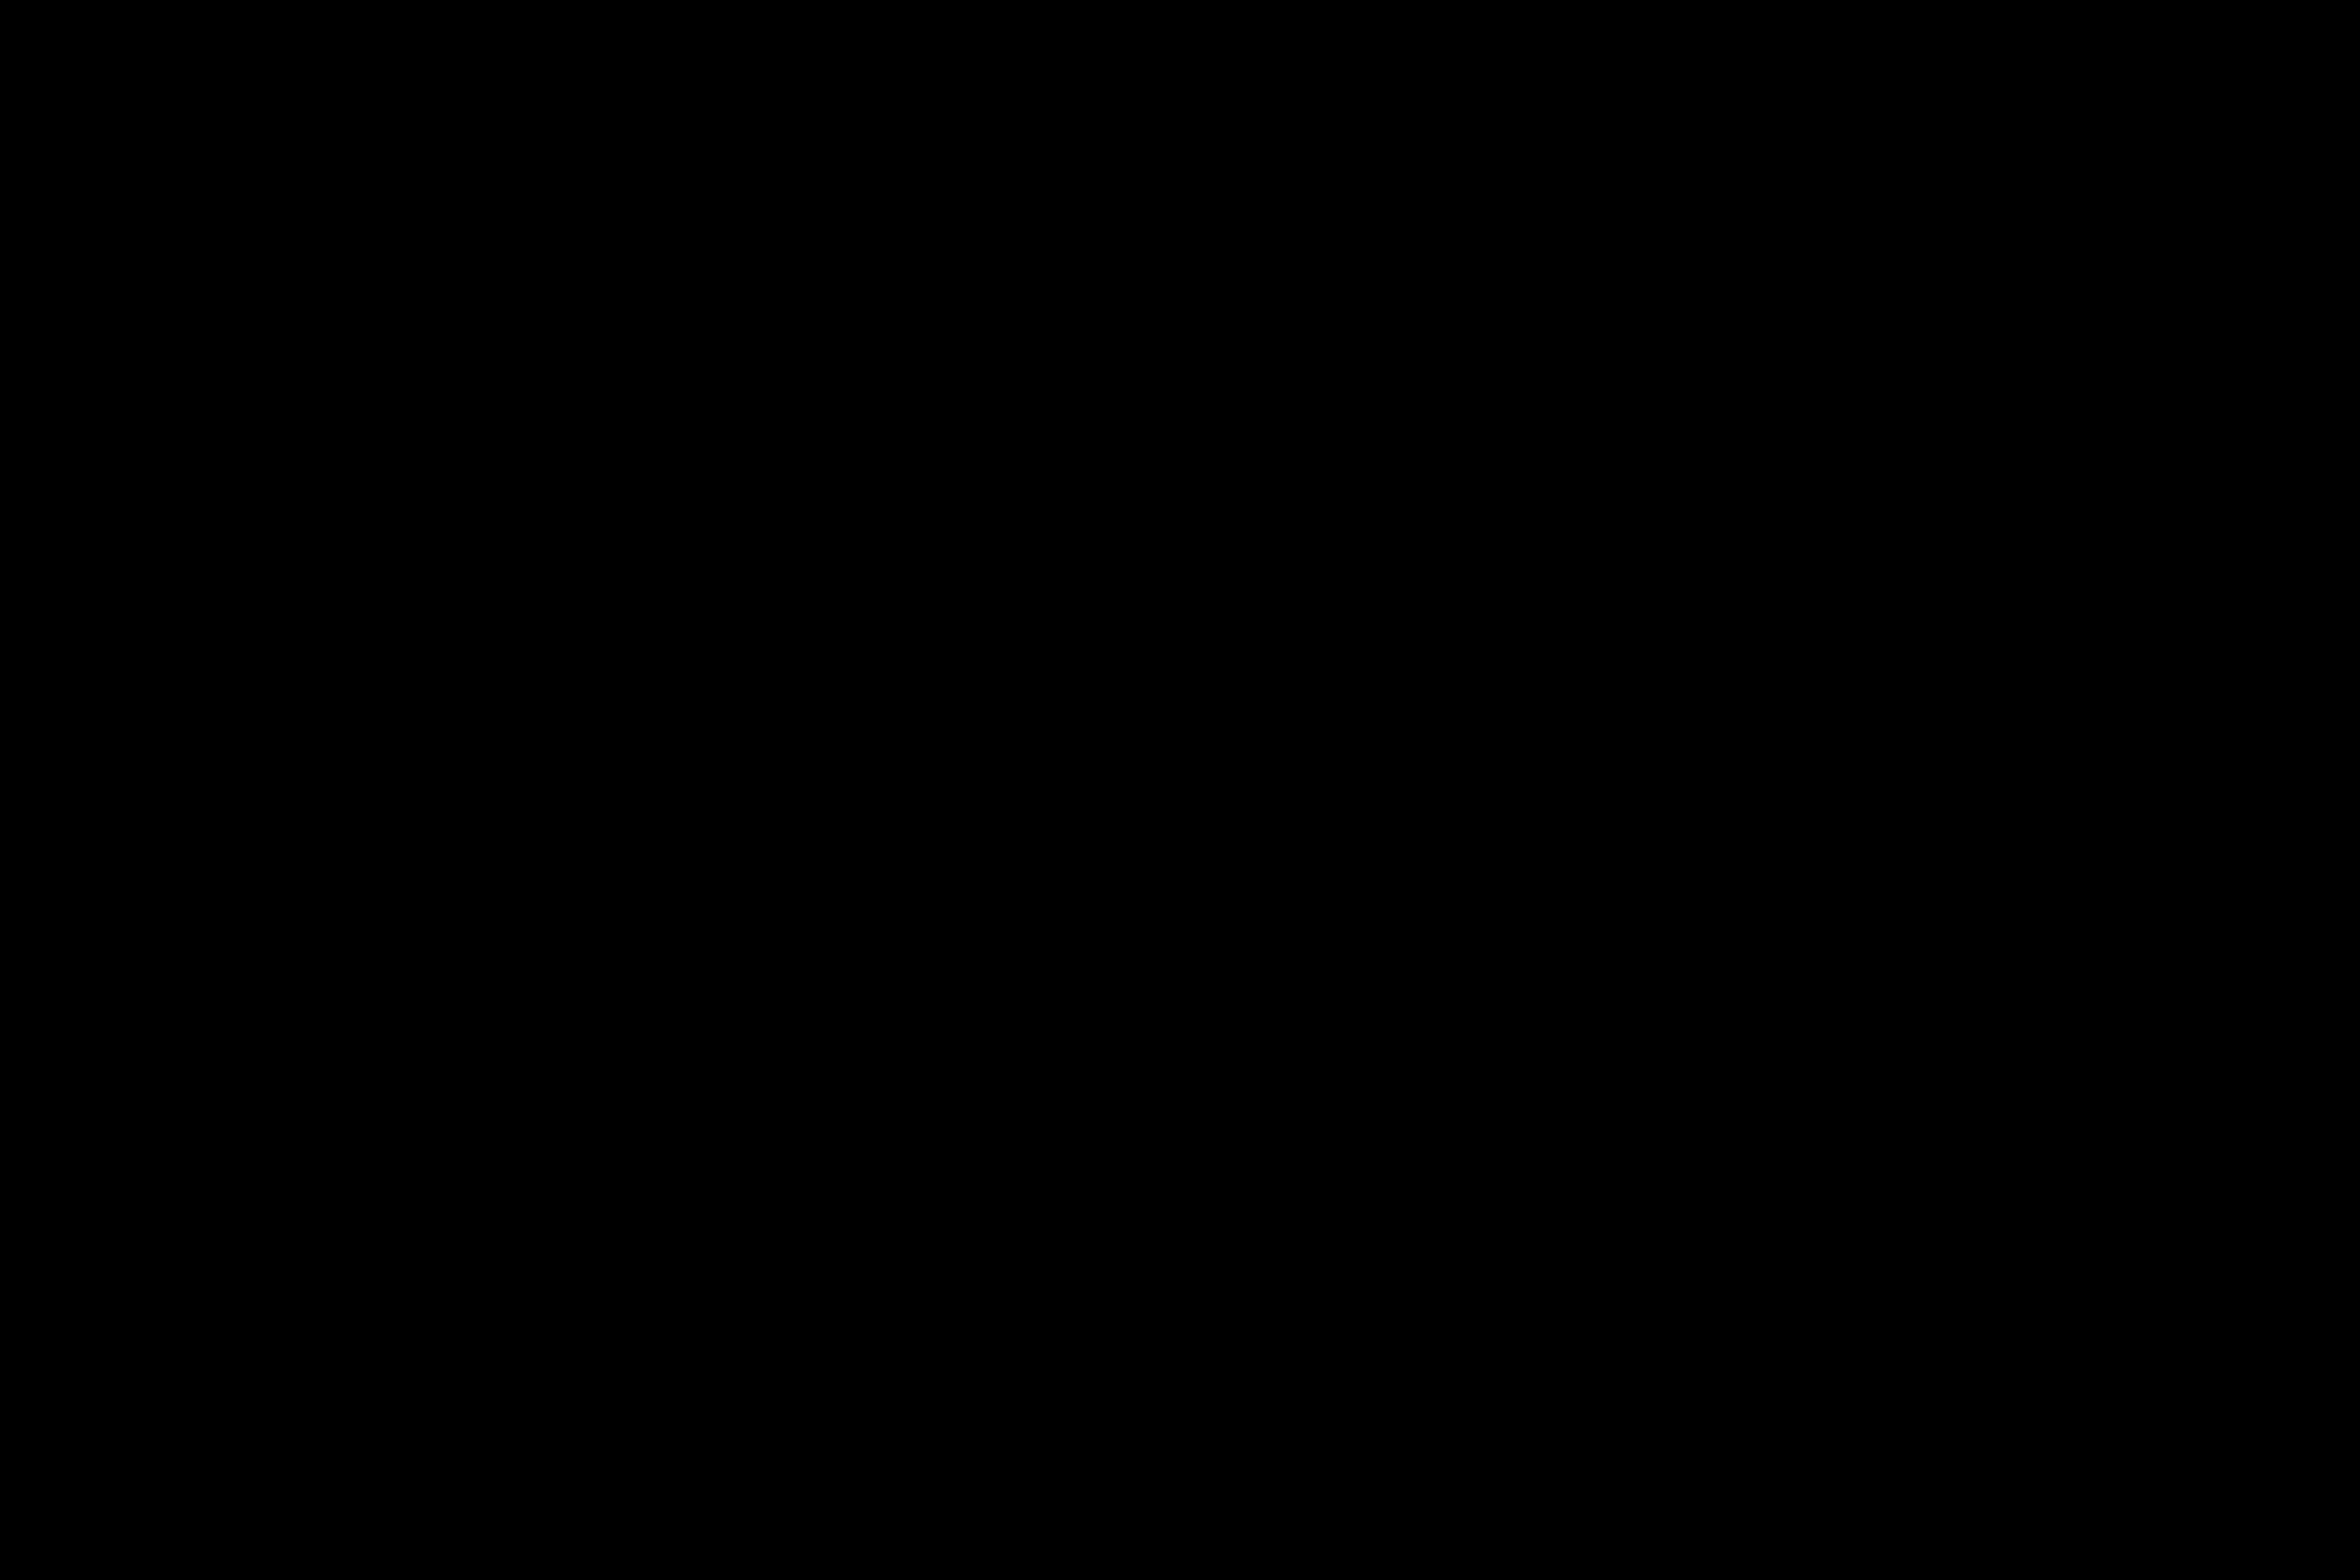 Total – Logos